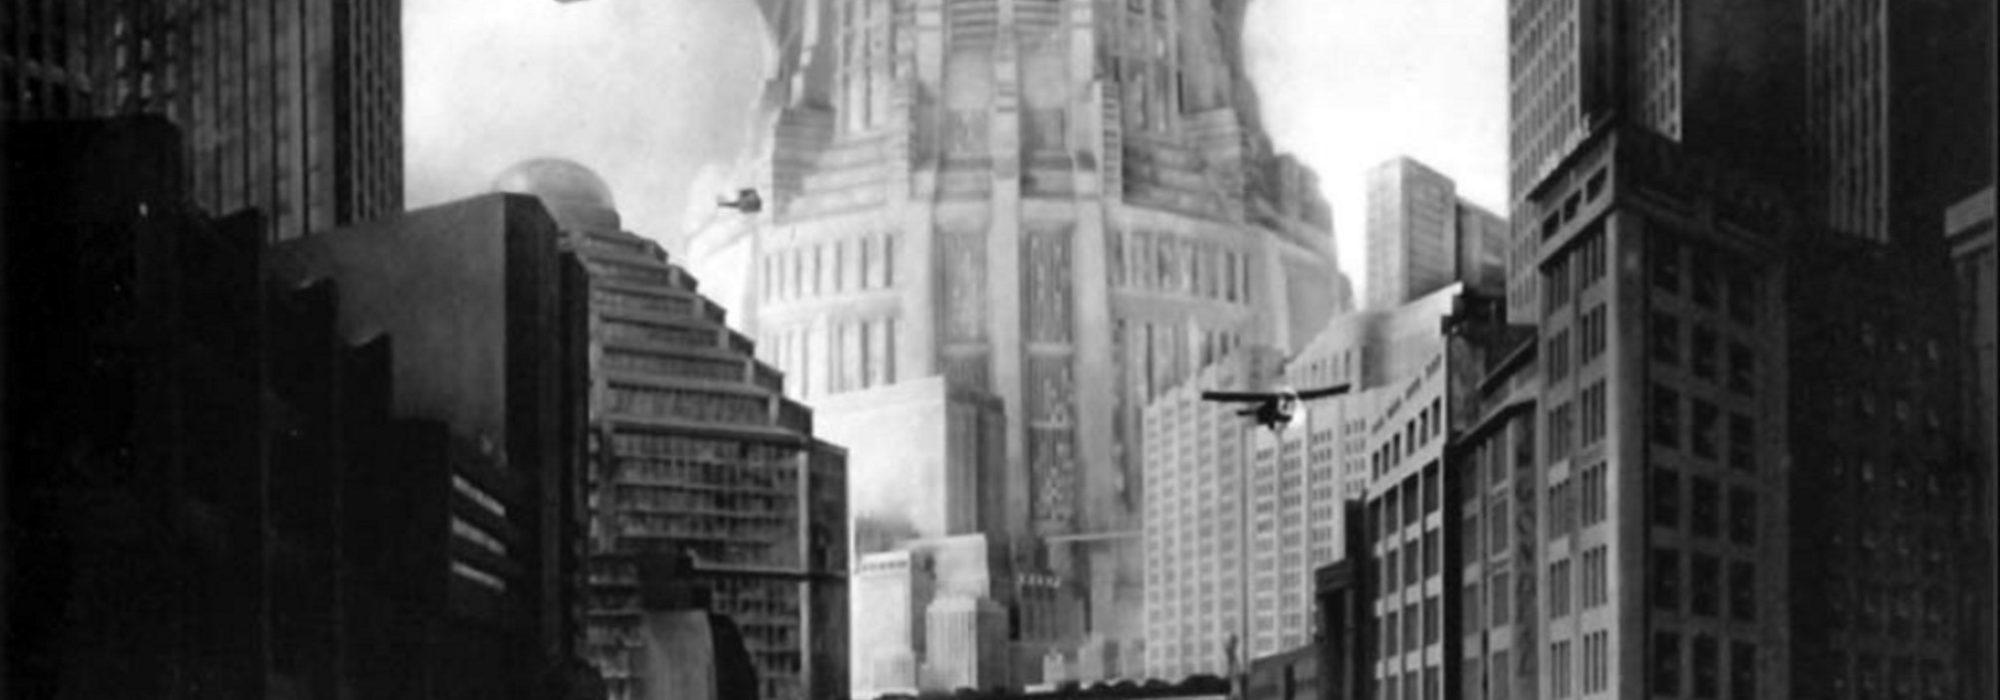 Foto: cena do filme Metrópolis (1927)